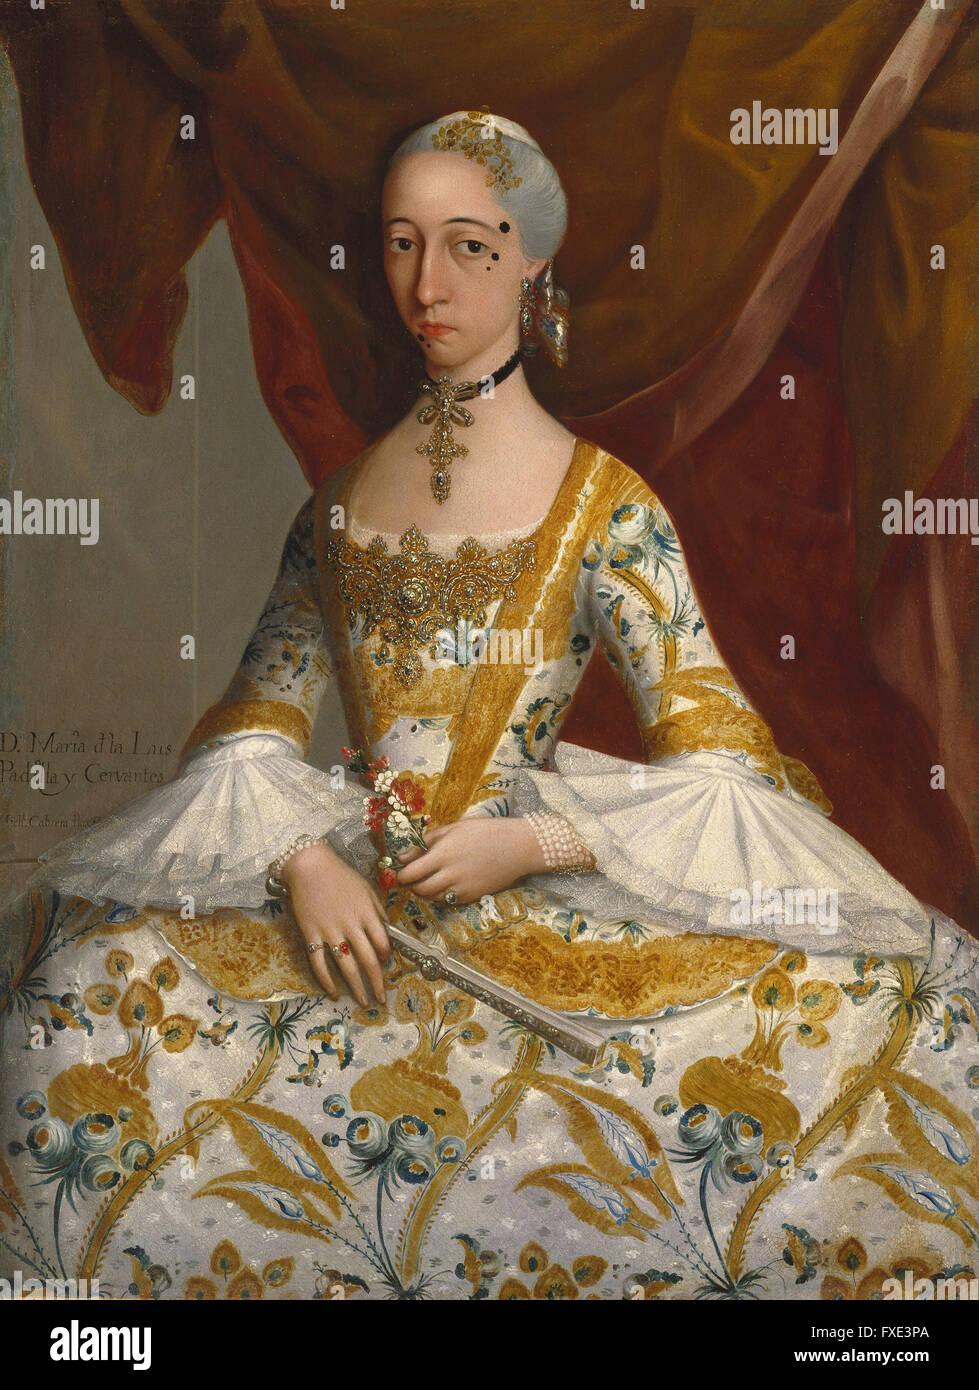 Miguel Cabrera - Doña María de la Luz Padilla y (Gómez de) Cervantes - Stock Photo